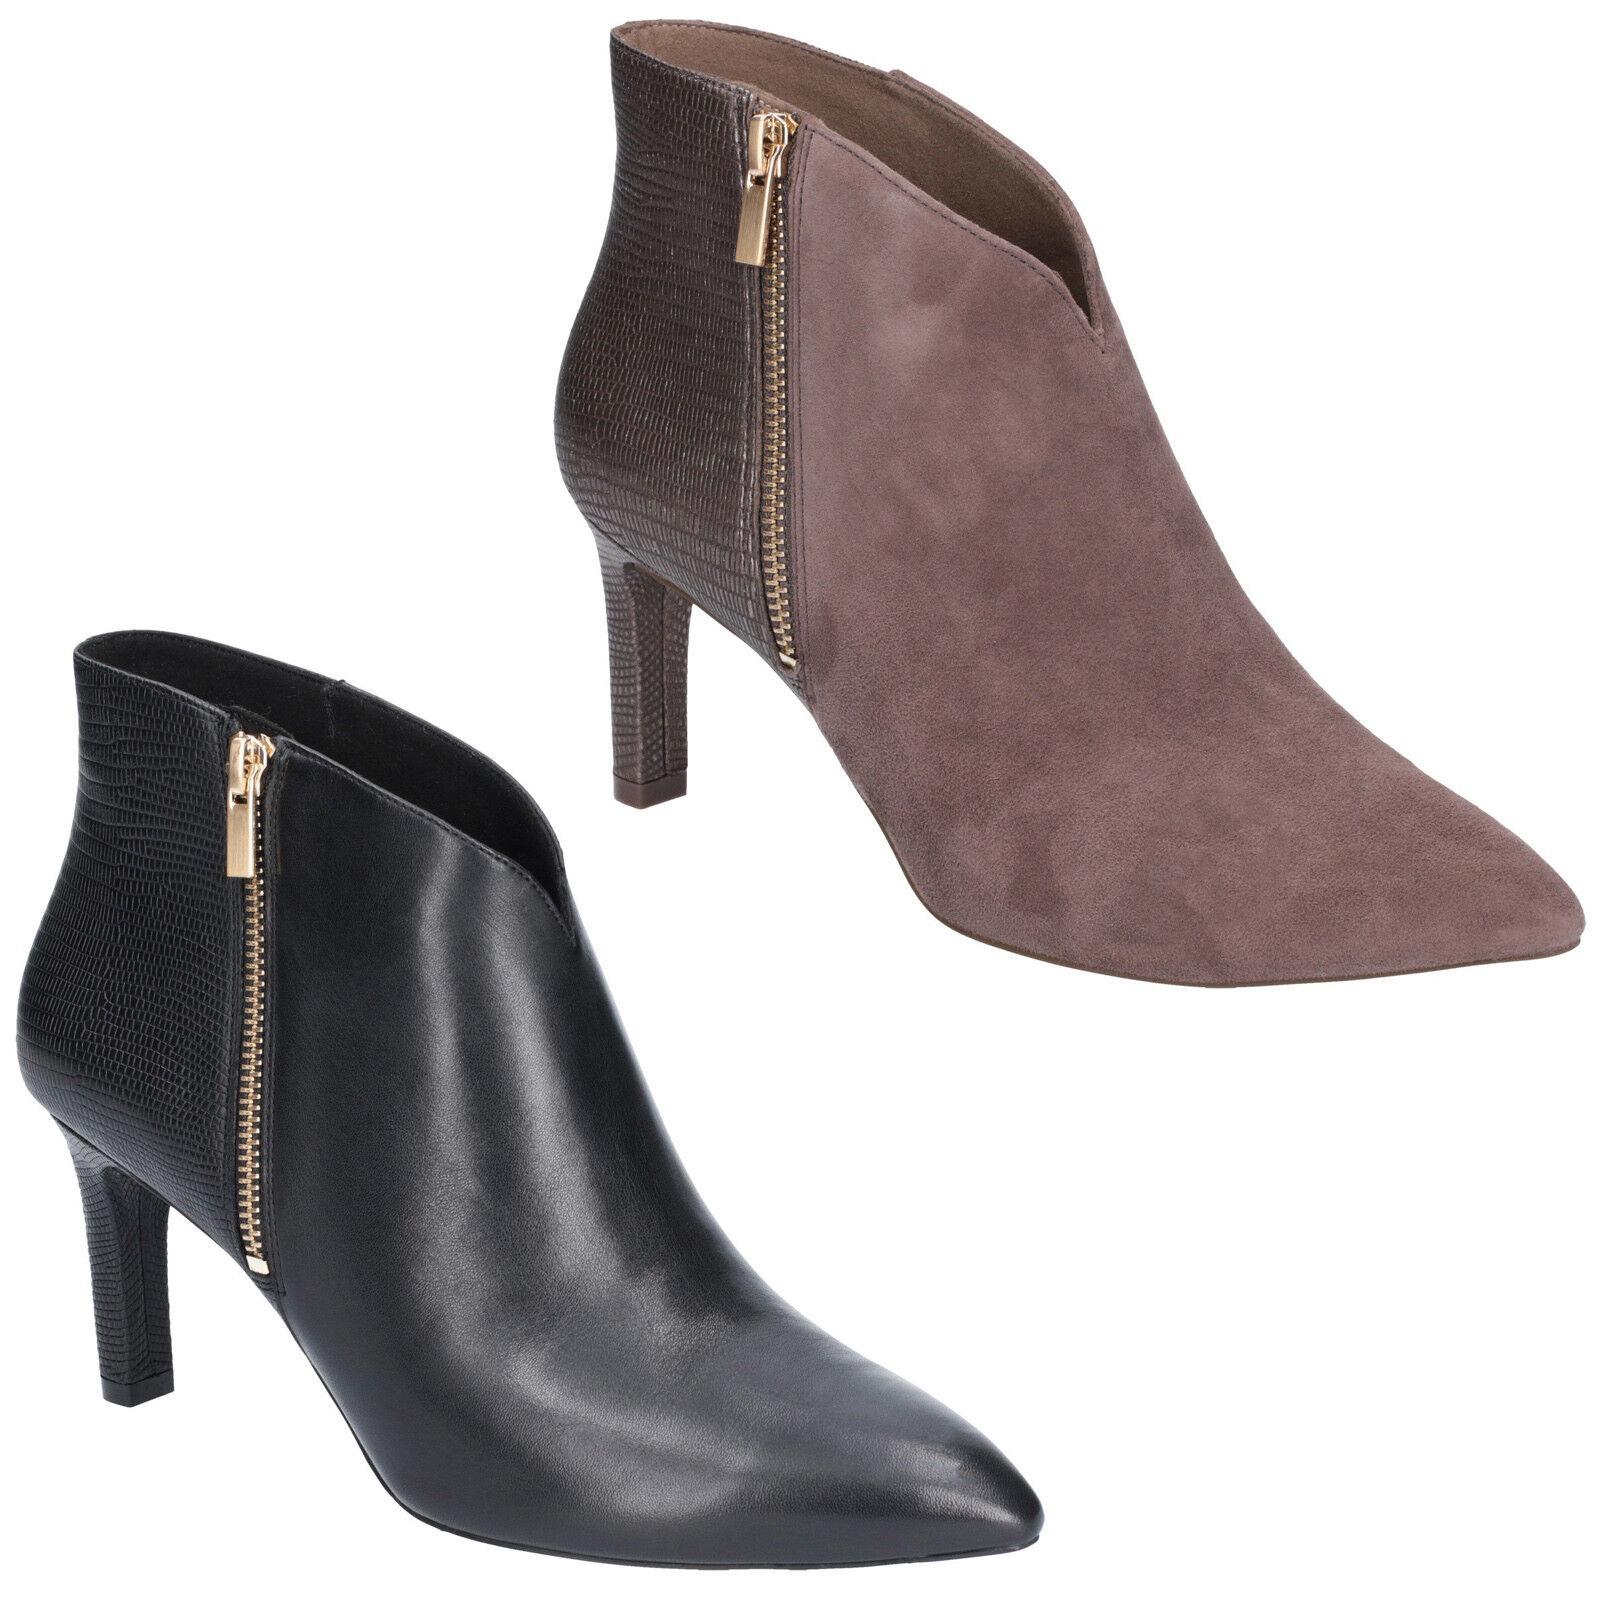 Rockport Total Motion Valerie Luxe Zapatos Zapatos Zapatos Mujer Cremallera Ankle Tacones botas  marcas en línea venta barata